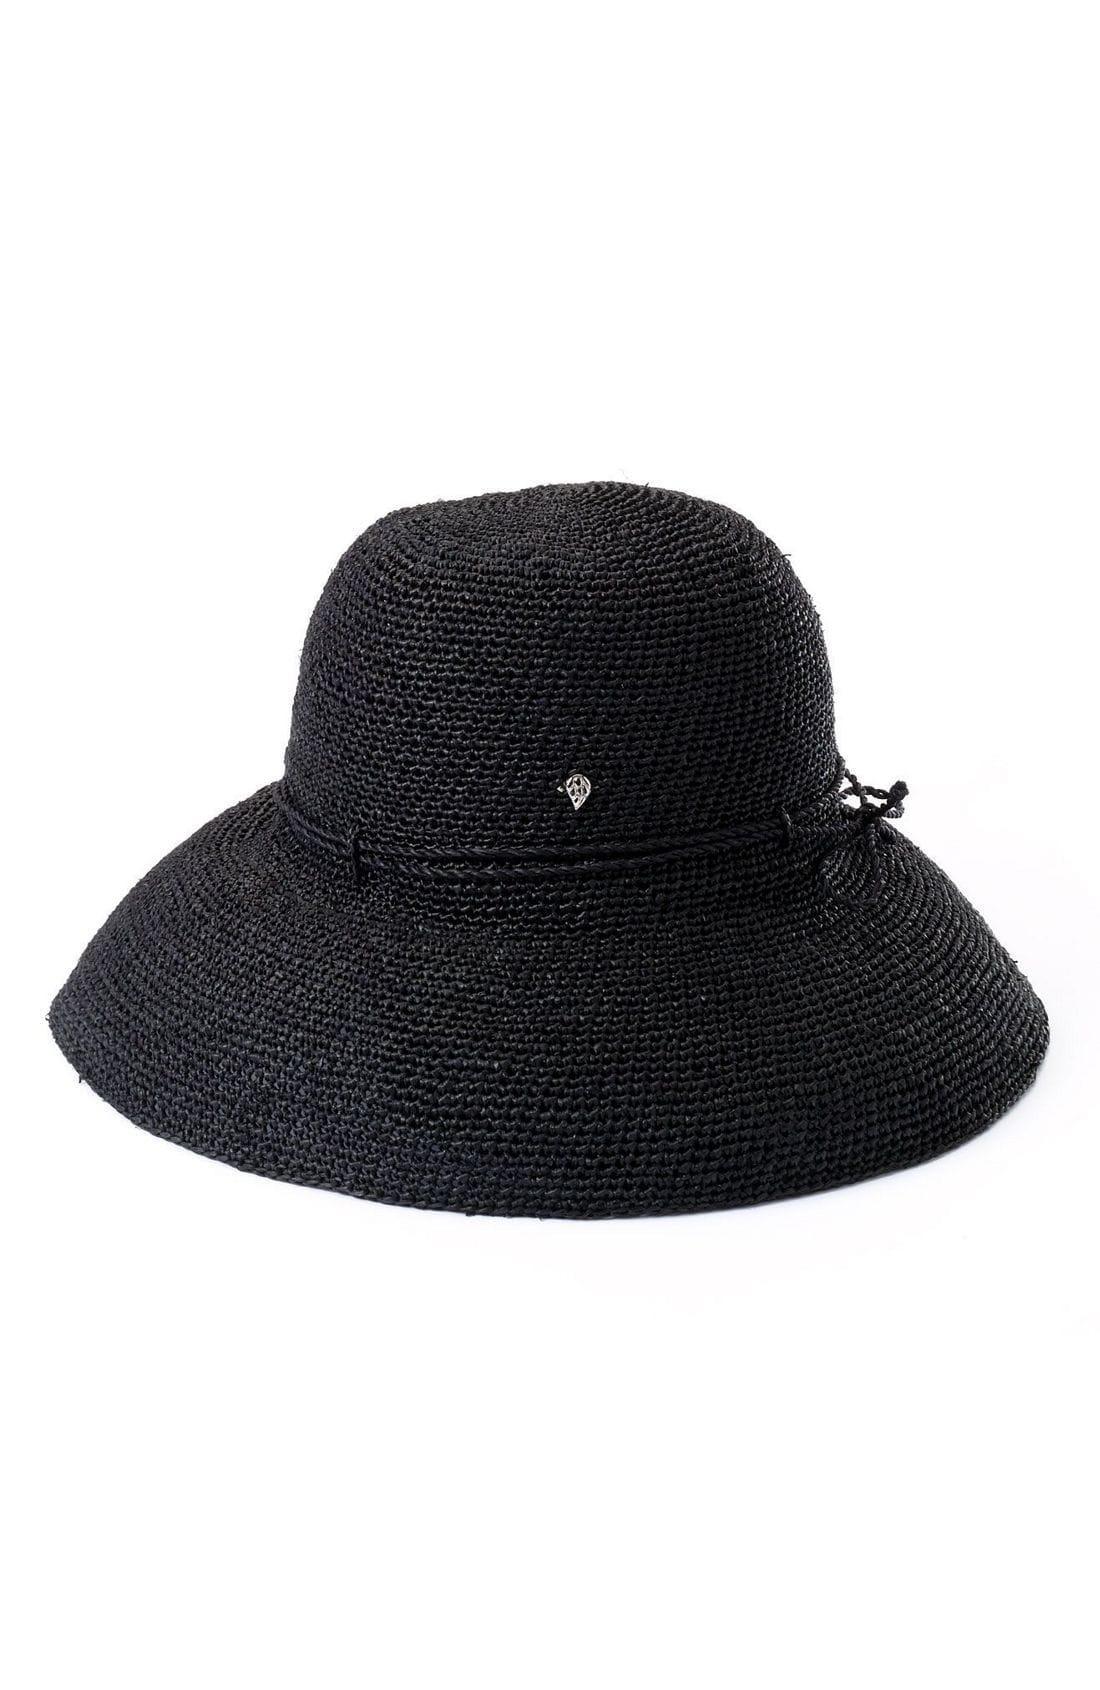 7b7114258fee3 Helen Kaminski  provence 12  Packable Raffia Hat in Gray - Lyst